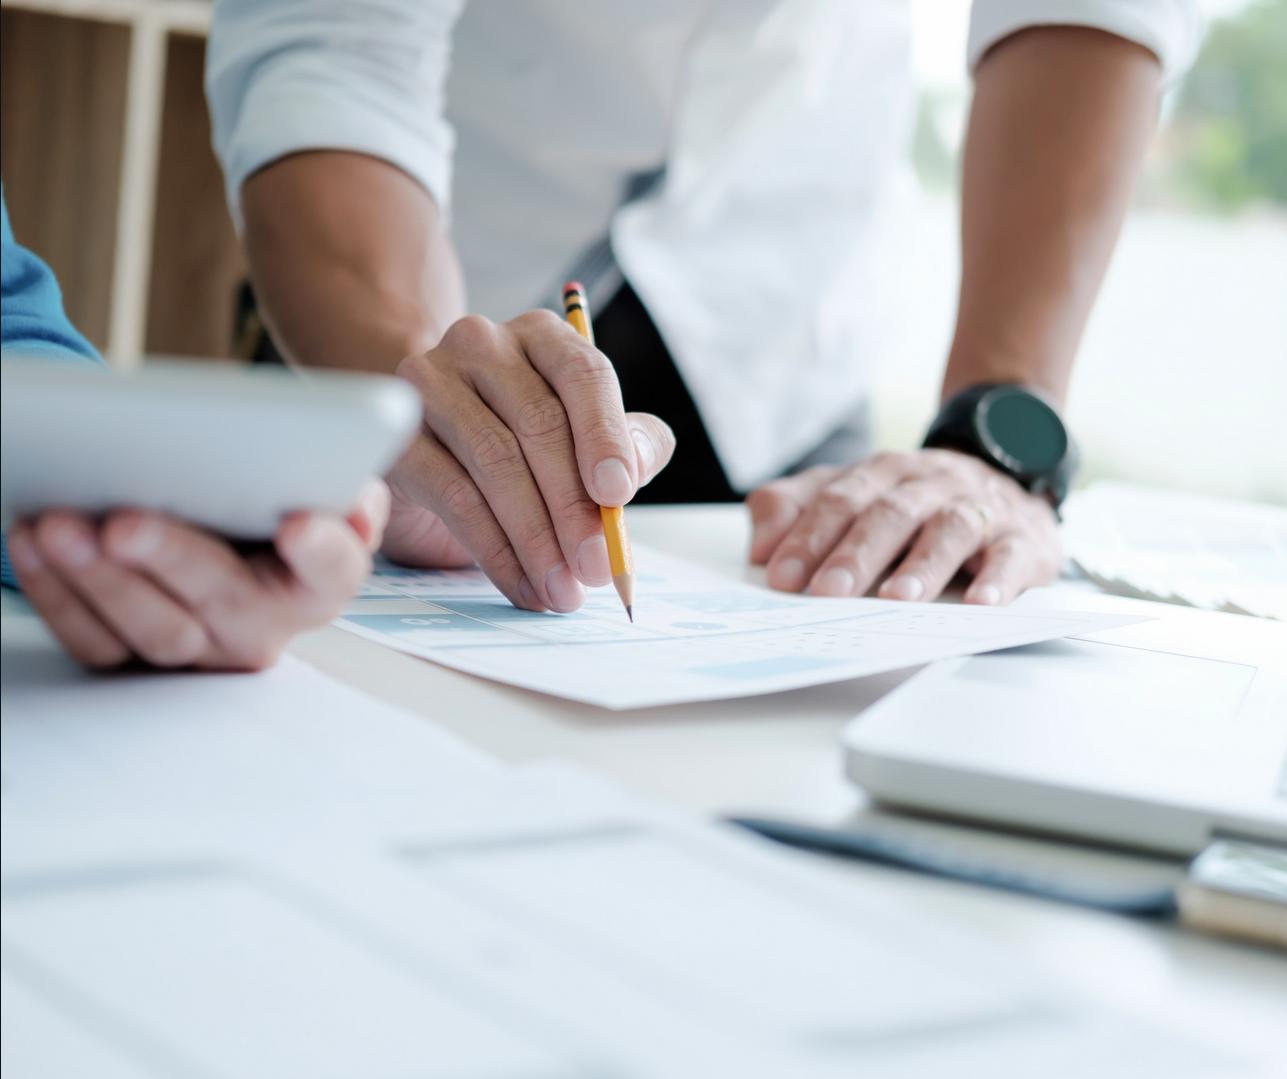 Upravljanje ugovorom o javnoj nabavi roba i usluga - ONLINE